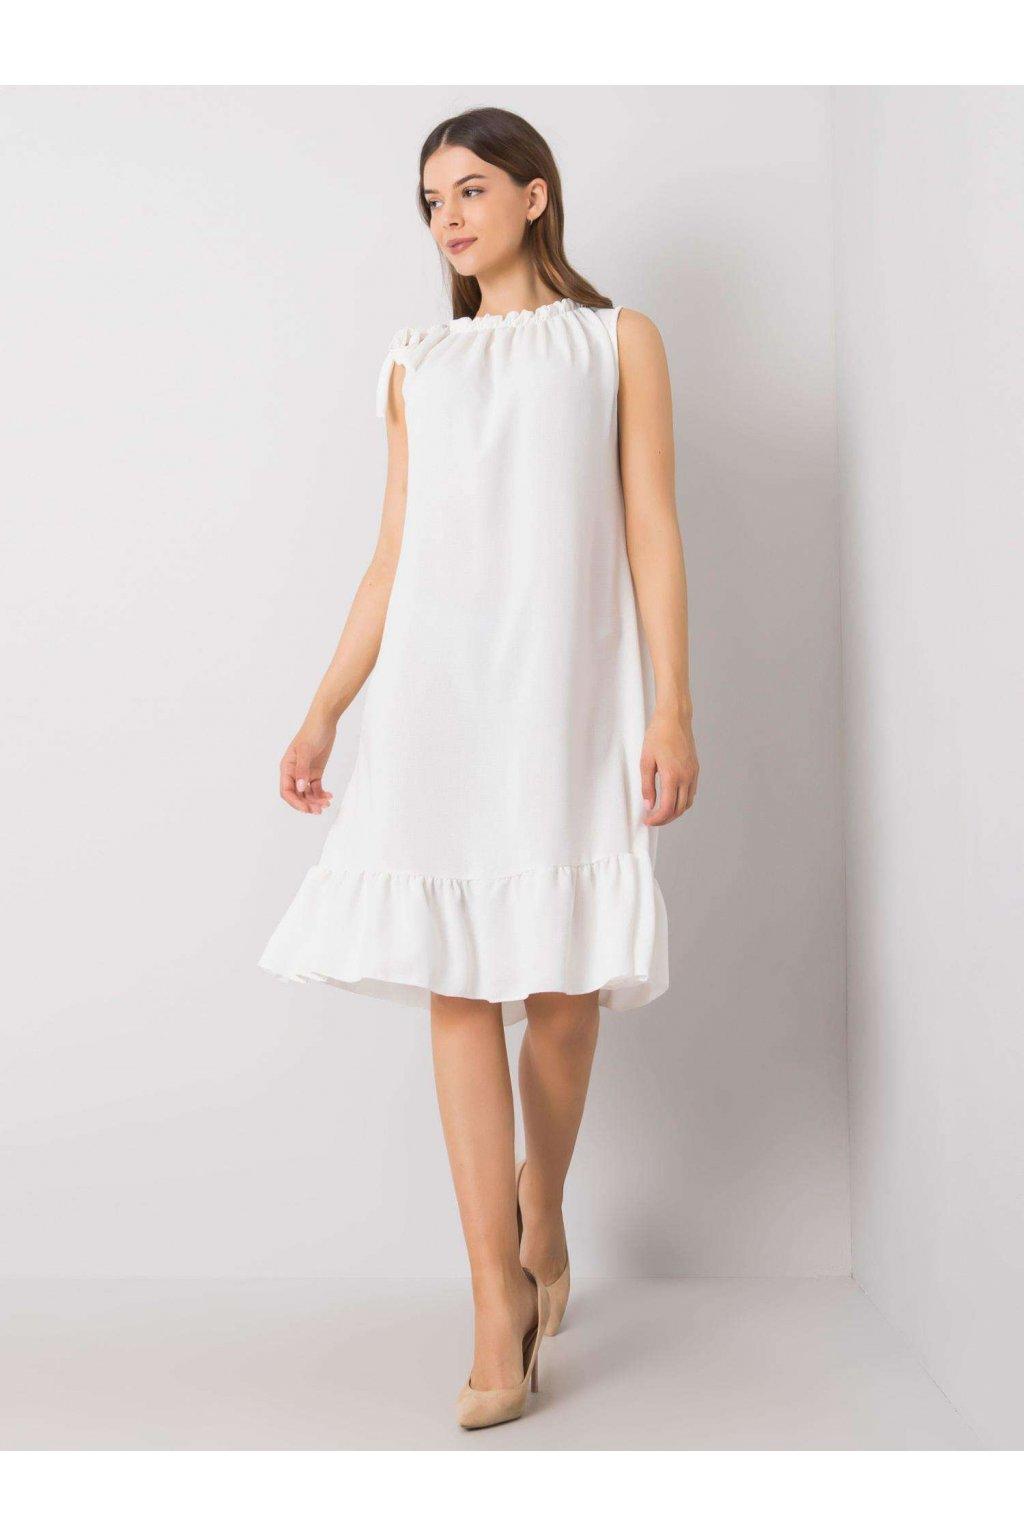 pol pl Biala sukienka z falbana Domenica 364629 1